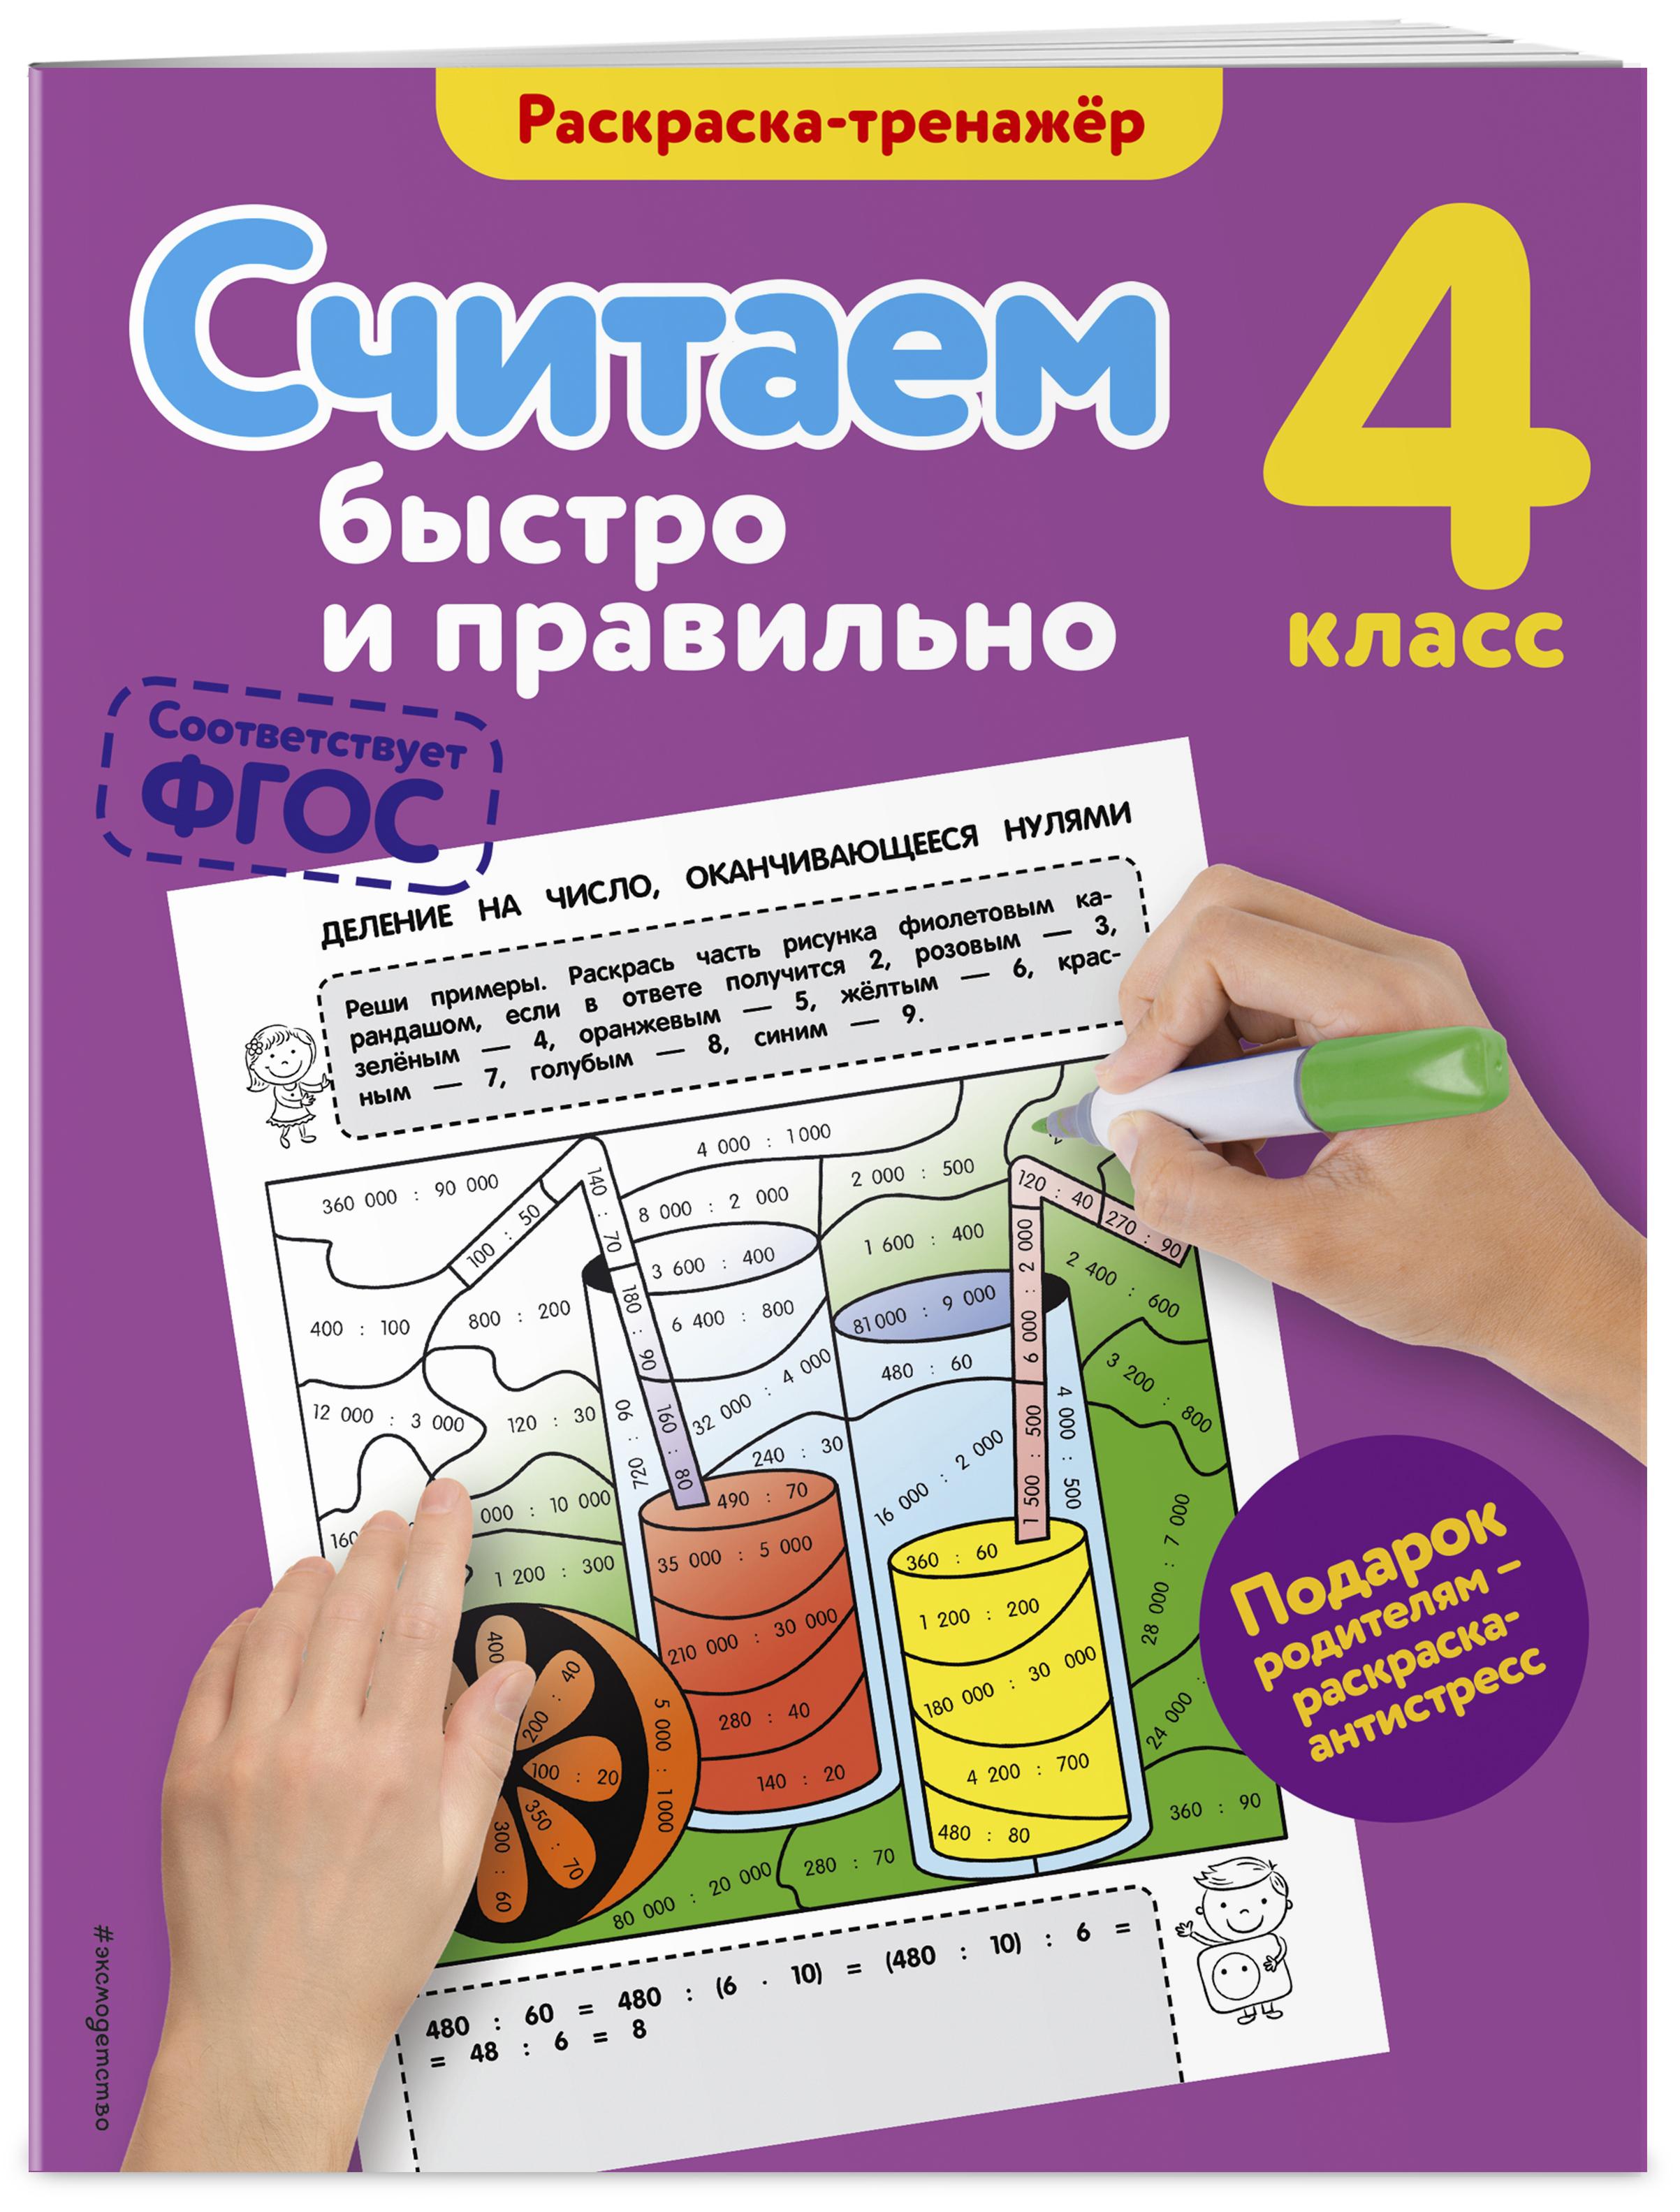 Горохова А.М. Считаем быстро и правильно. 4-й класс ISBN: 978-5-699-89973-9 эксмо считаем быстро и правильно 4 й класс